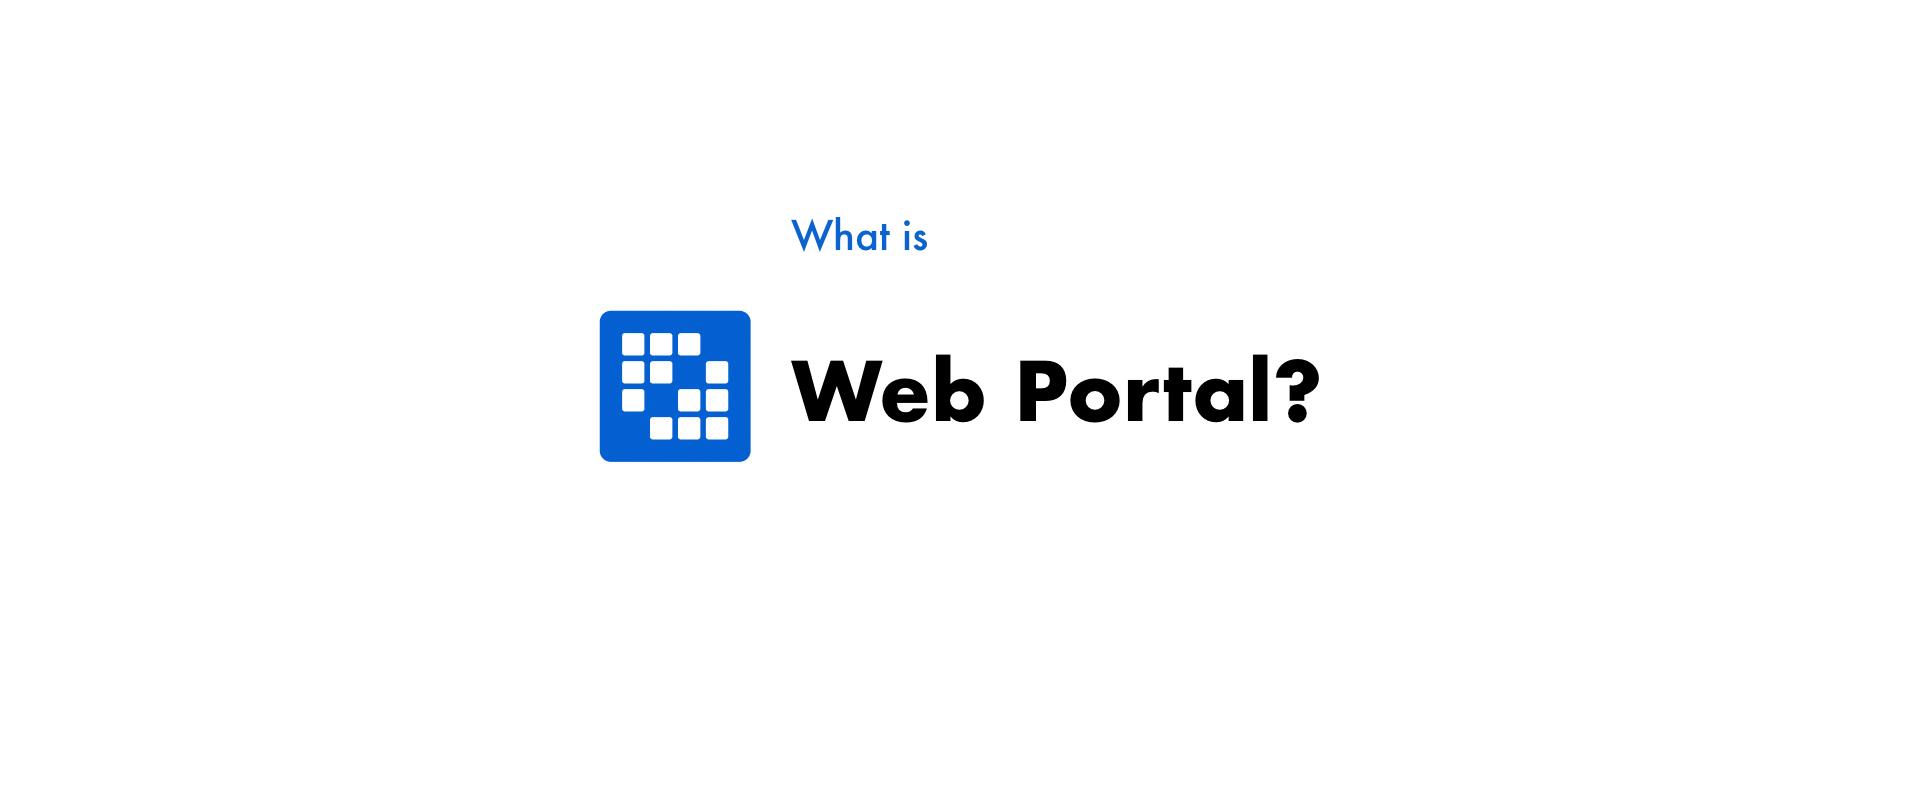 ウェブポータルとは?